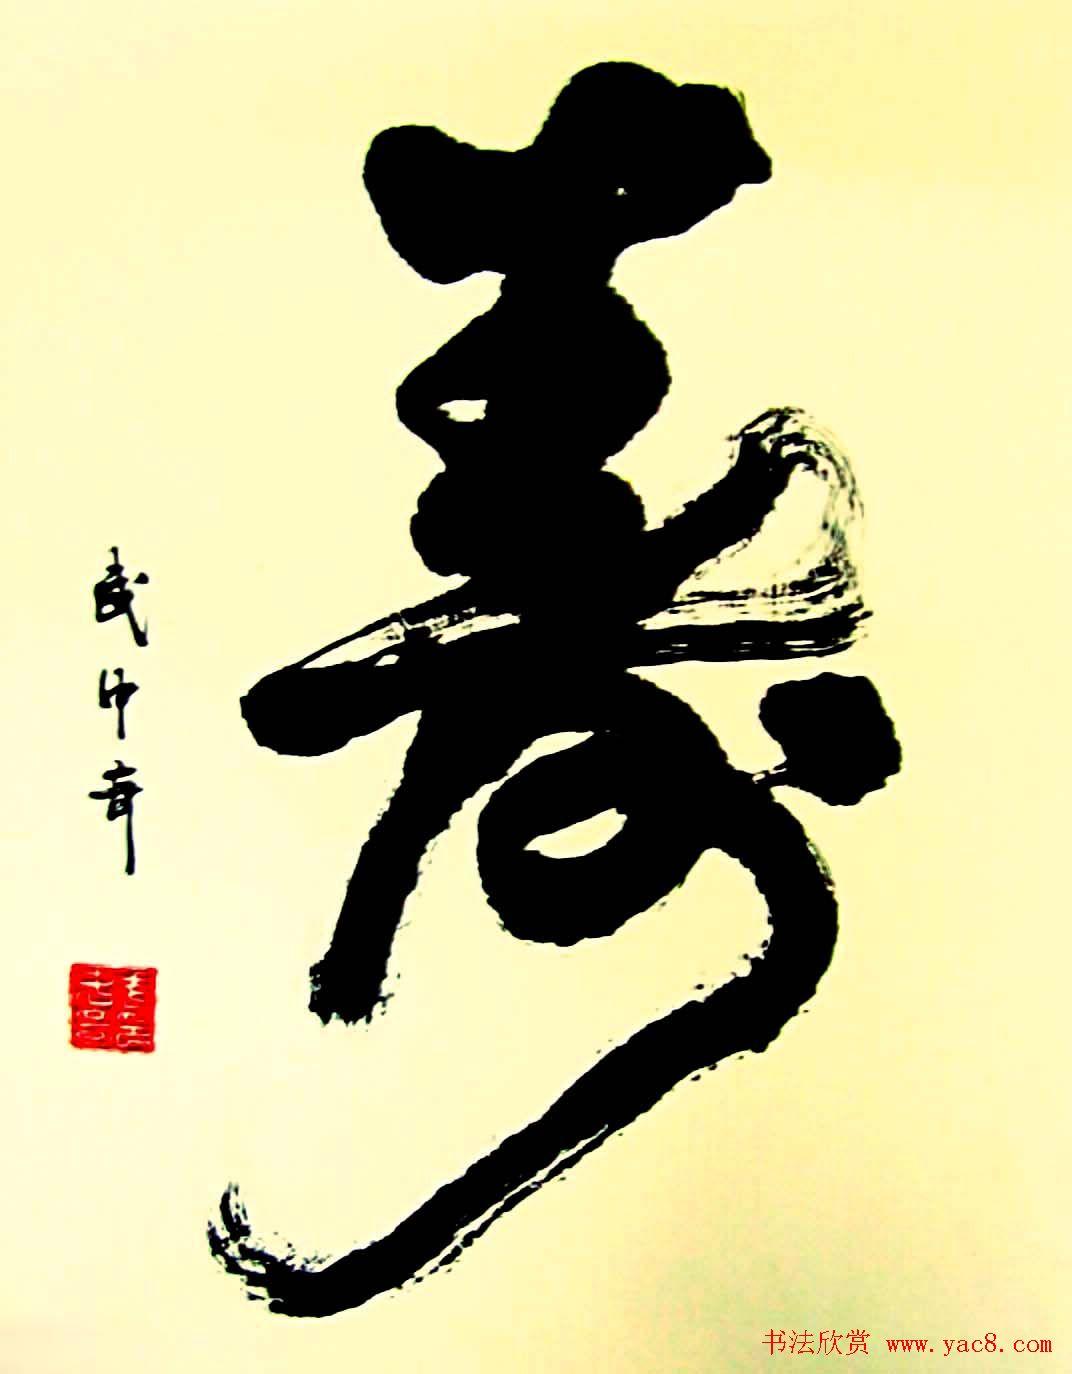 寿字书法作品欣赏武中奇书